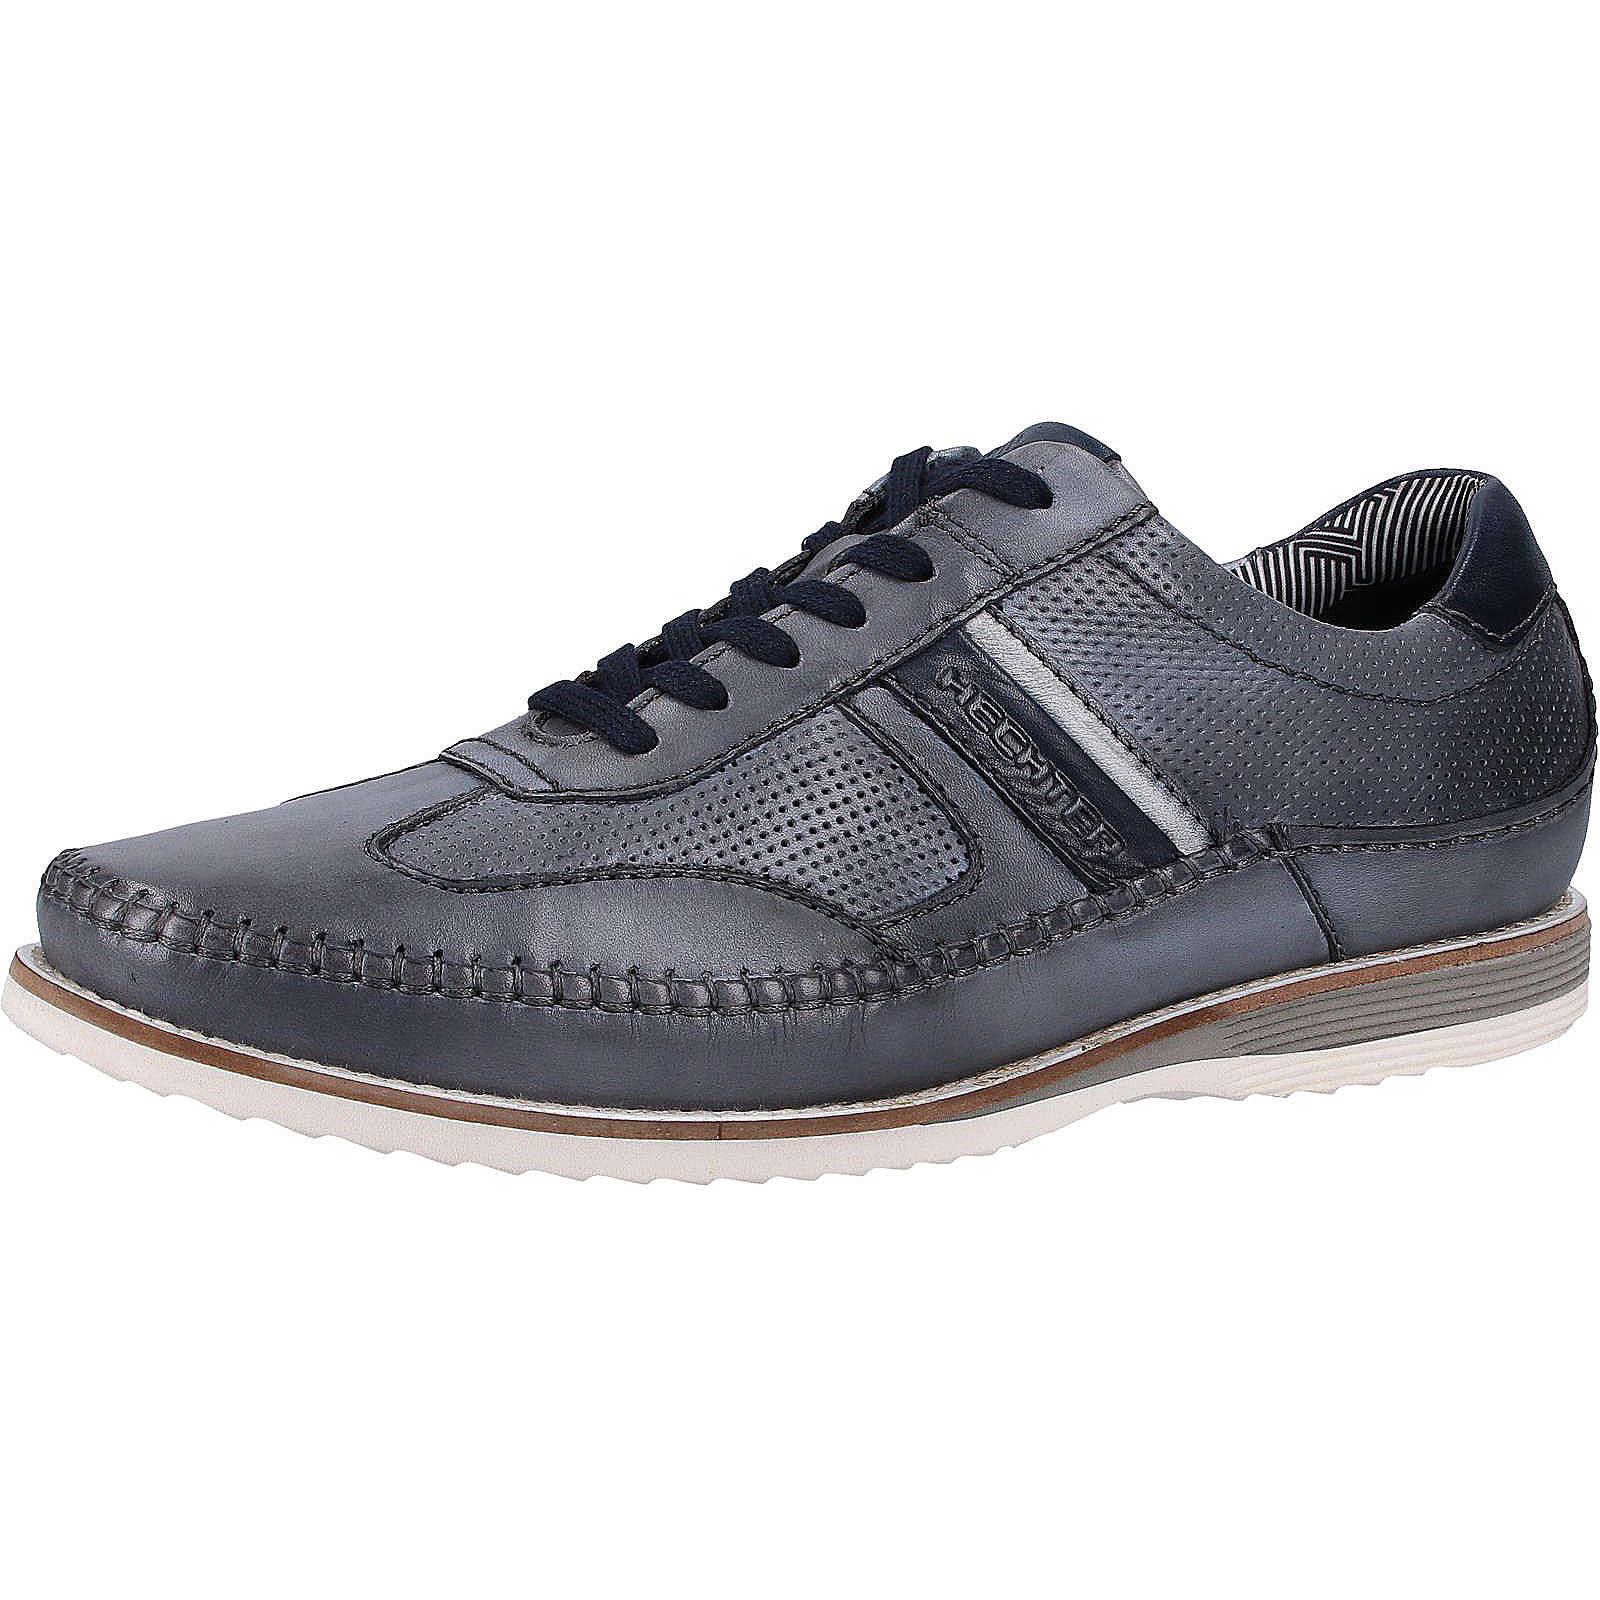 DANIEL HECHTER Sneaker Sneakers Low hellgrau Herren Gr. 40